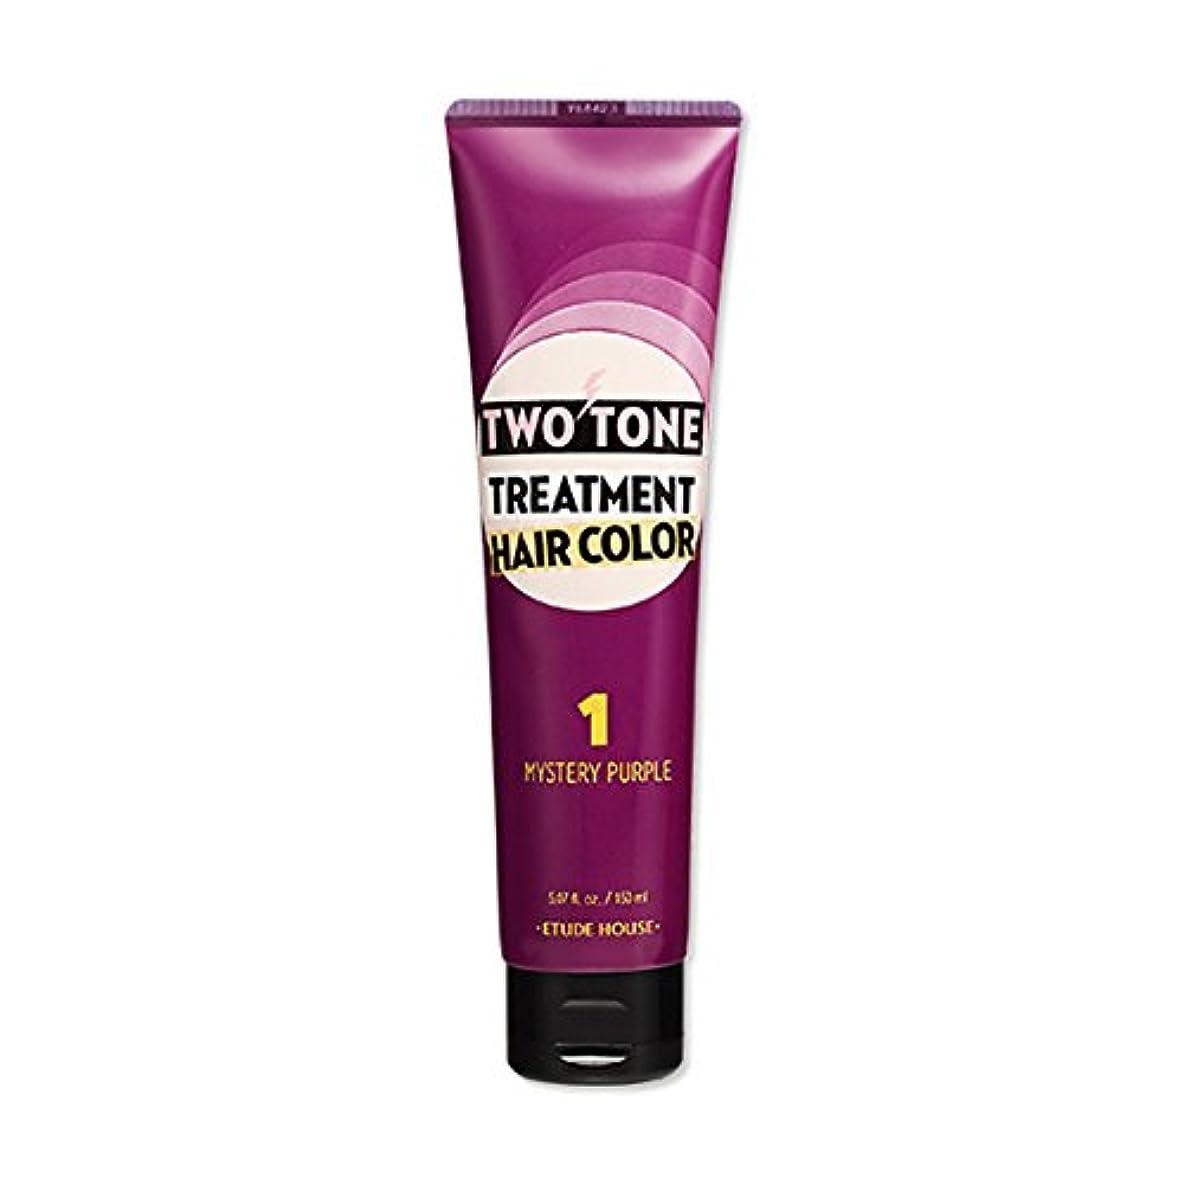 運ぶ後ろにジョガーETUDE HOUSE Two Tone Treatment Hair Color 1.MYSTERY PURPLE / エチュードハウス ツートントリートメントヘアカラー150ml (1.MYSTERY PURPLE) [並行輸入品]